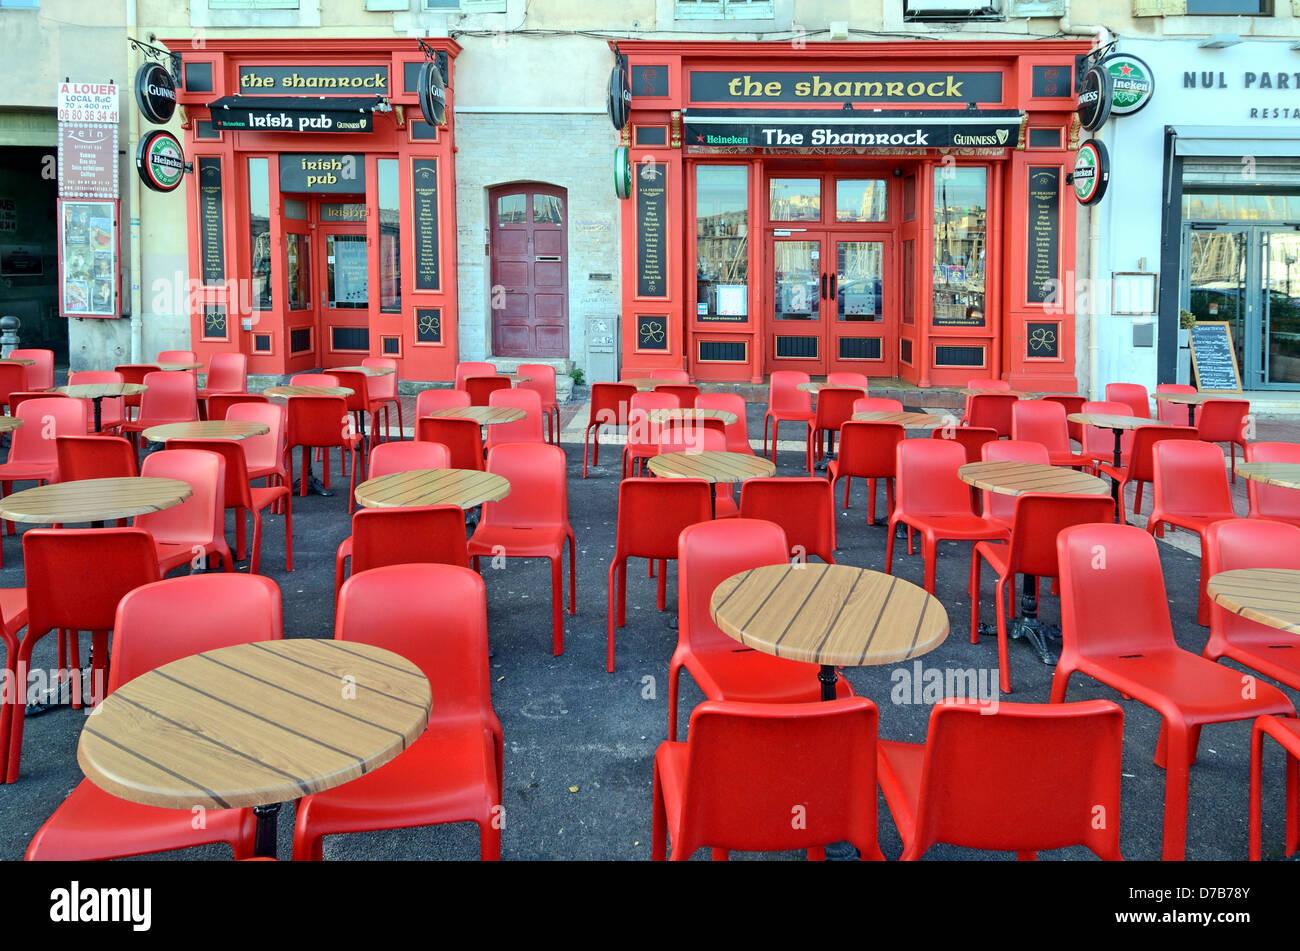 Irish Pub Bar Café de la chaussée ou avec des tables et chaises rouge plastique Vieux Port Marseille France Photo Stock